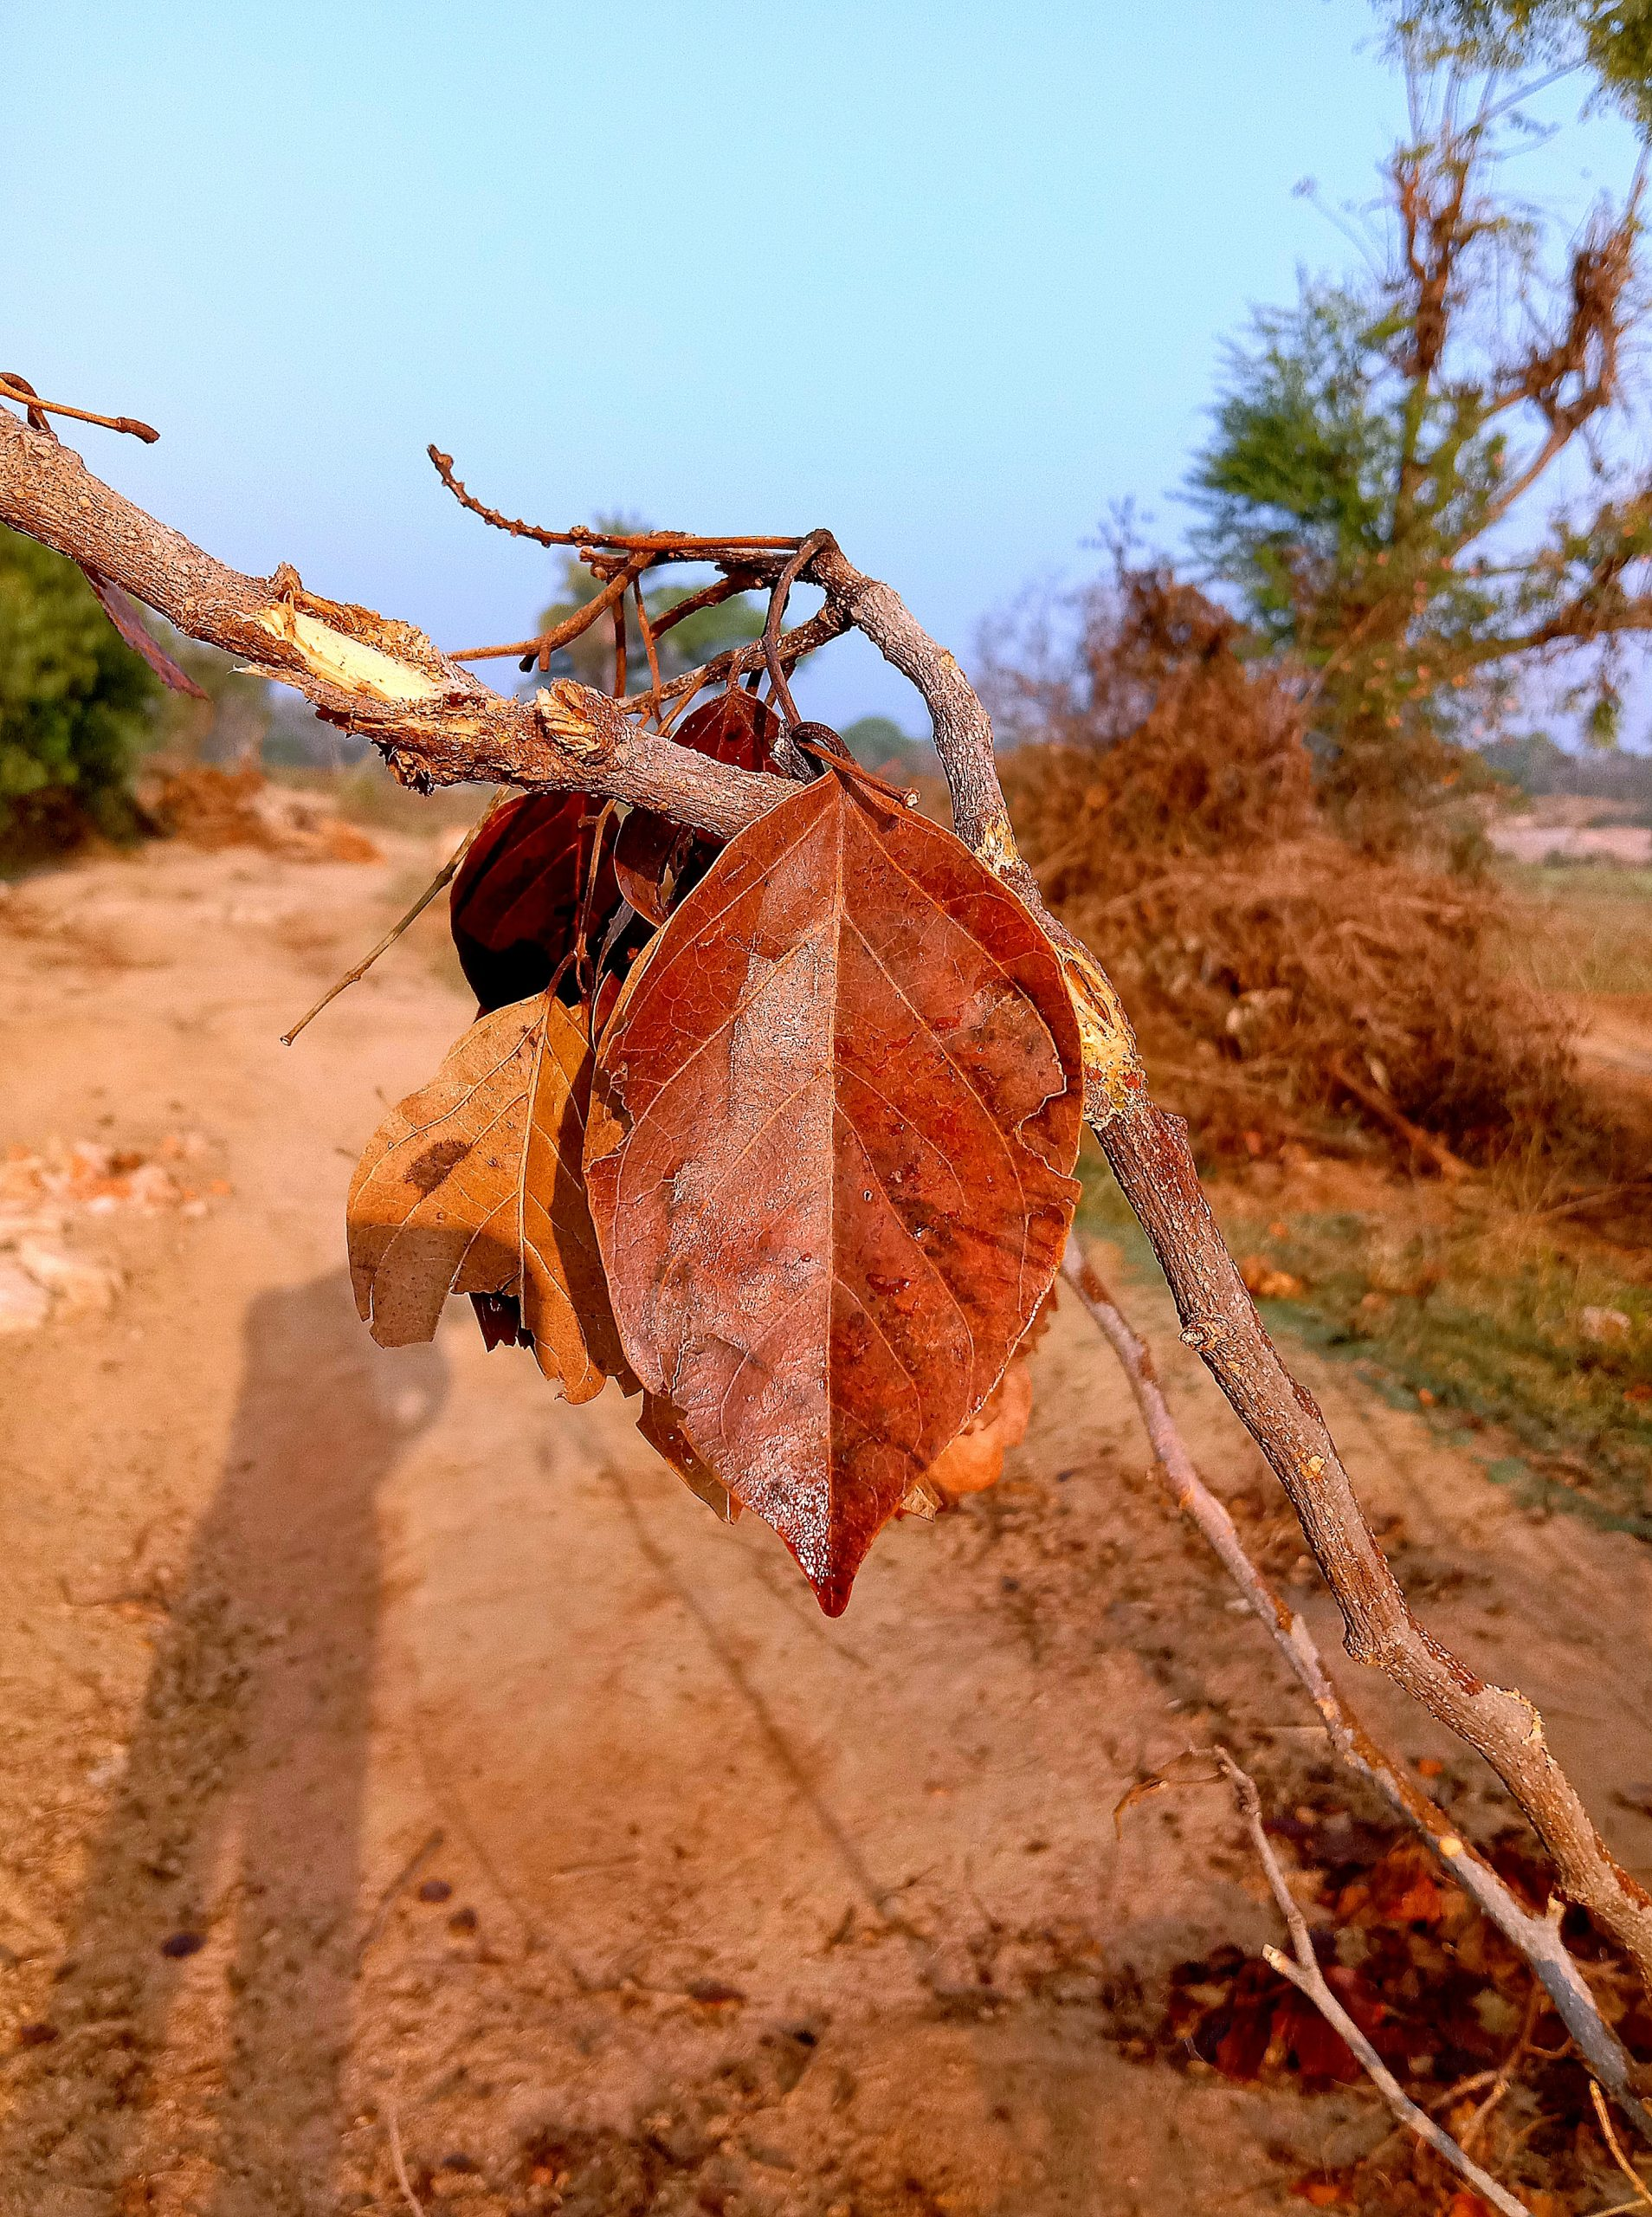 Dry leaf on plant in farm